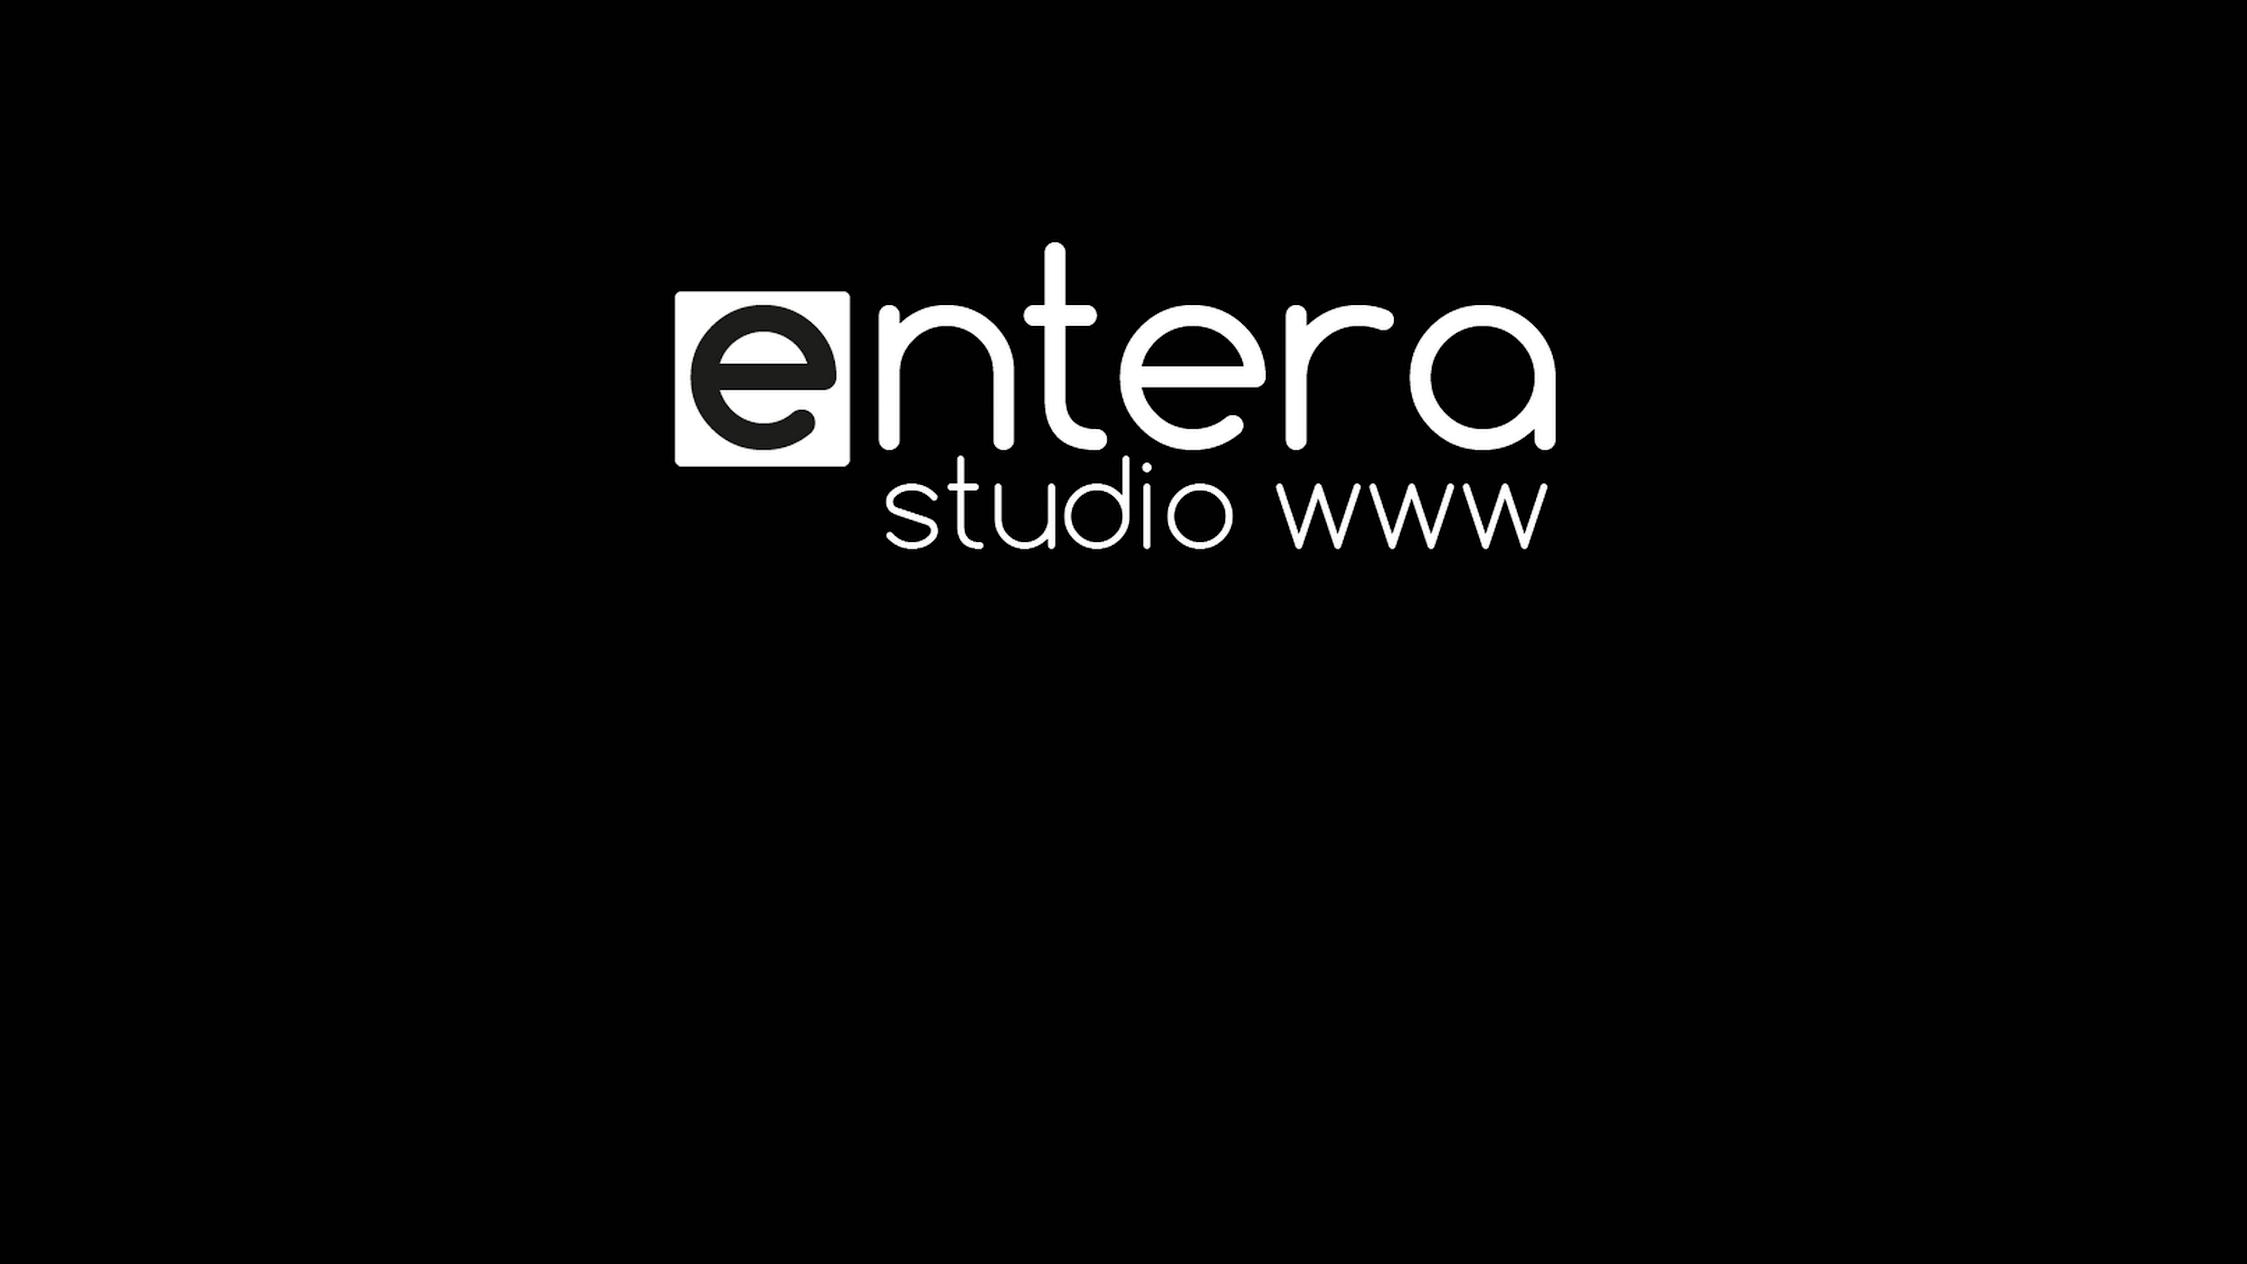 Entera Studio